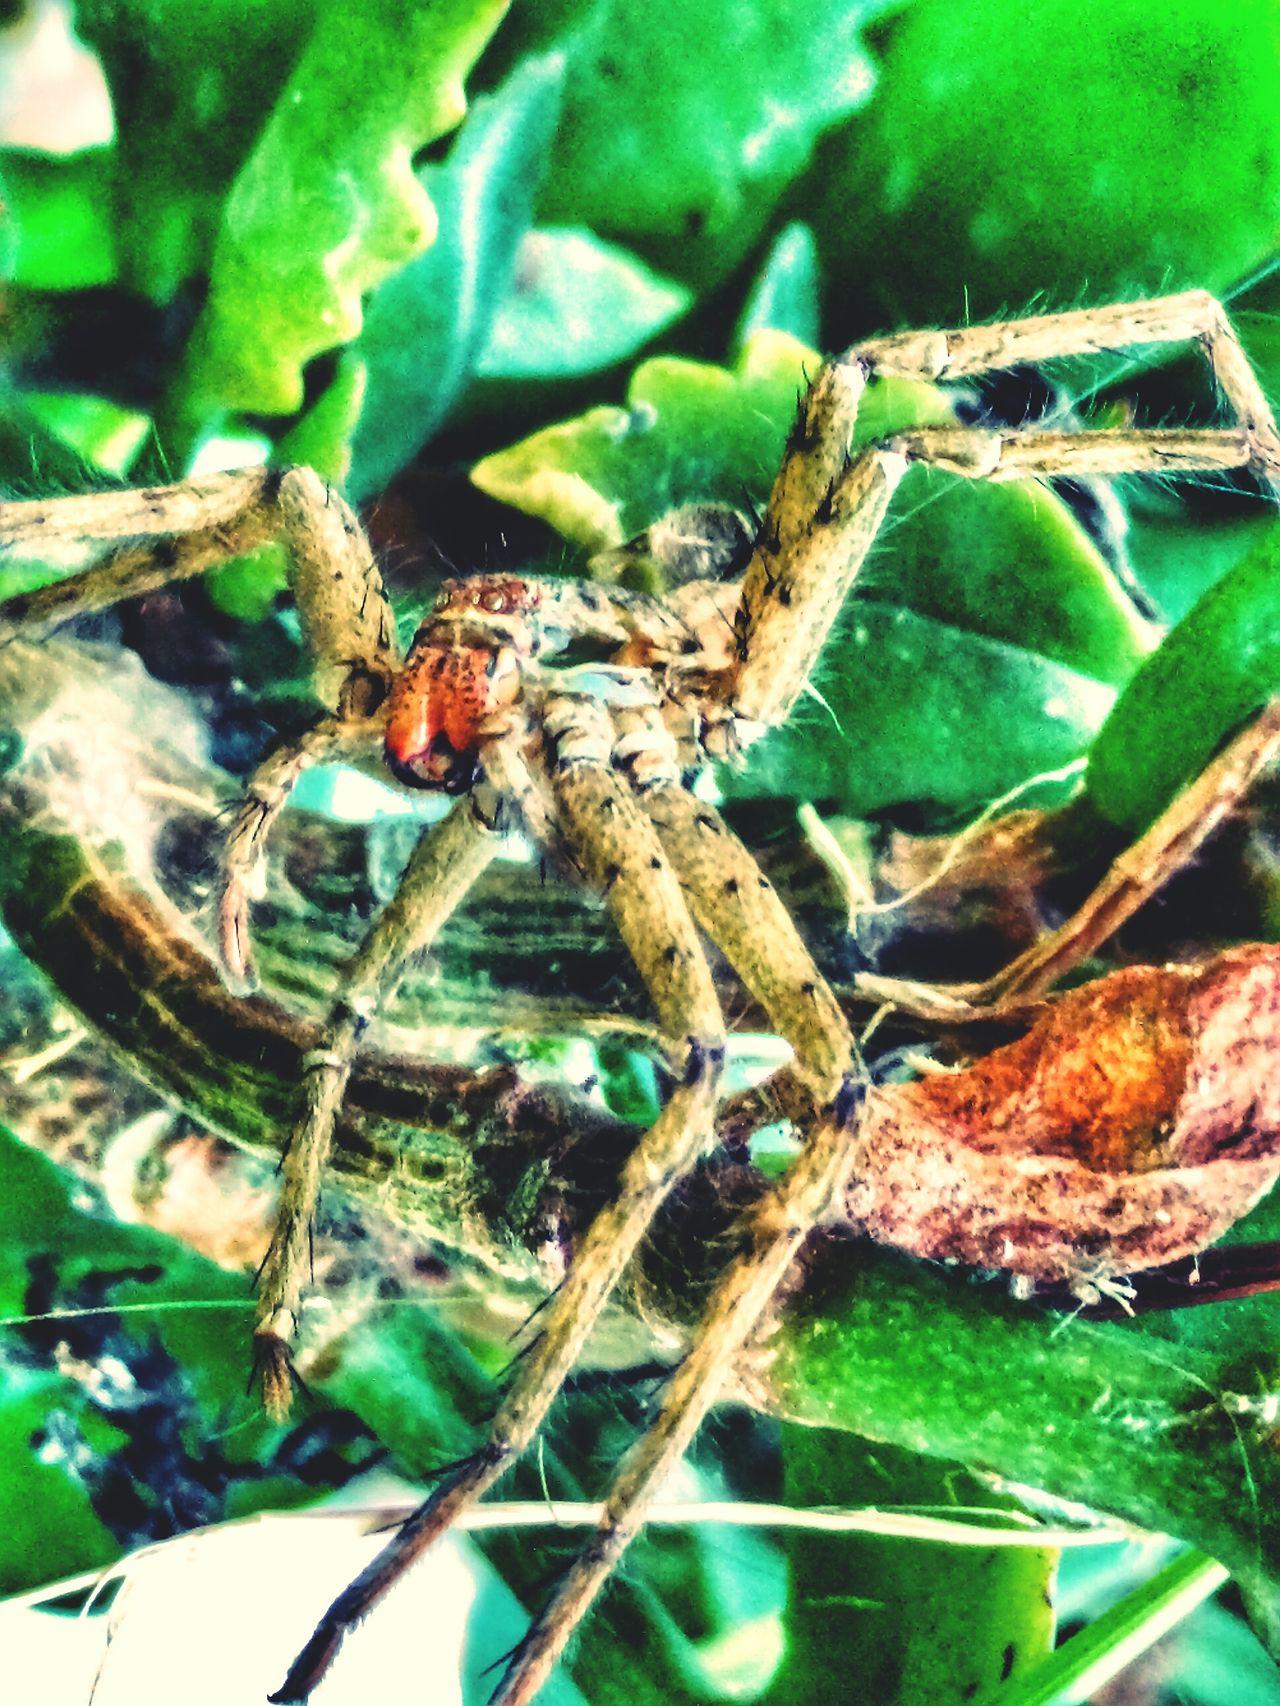 Arachnophobia Aracnidos Araña Insects  Mimetism Naturaleza Eyem